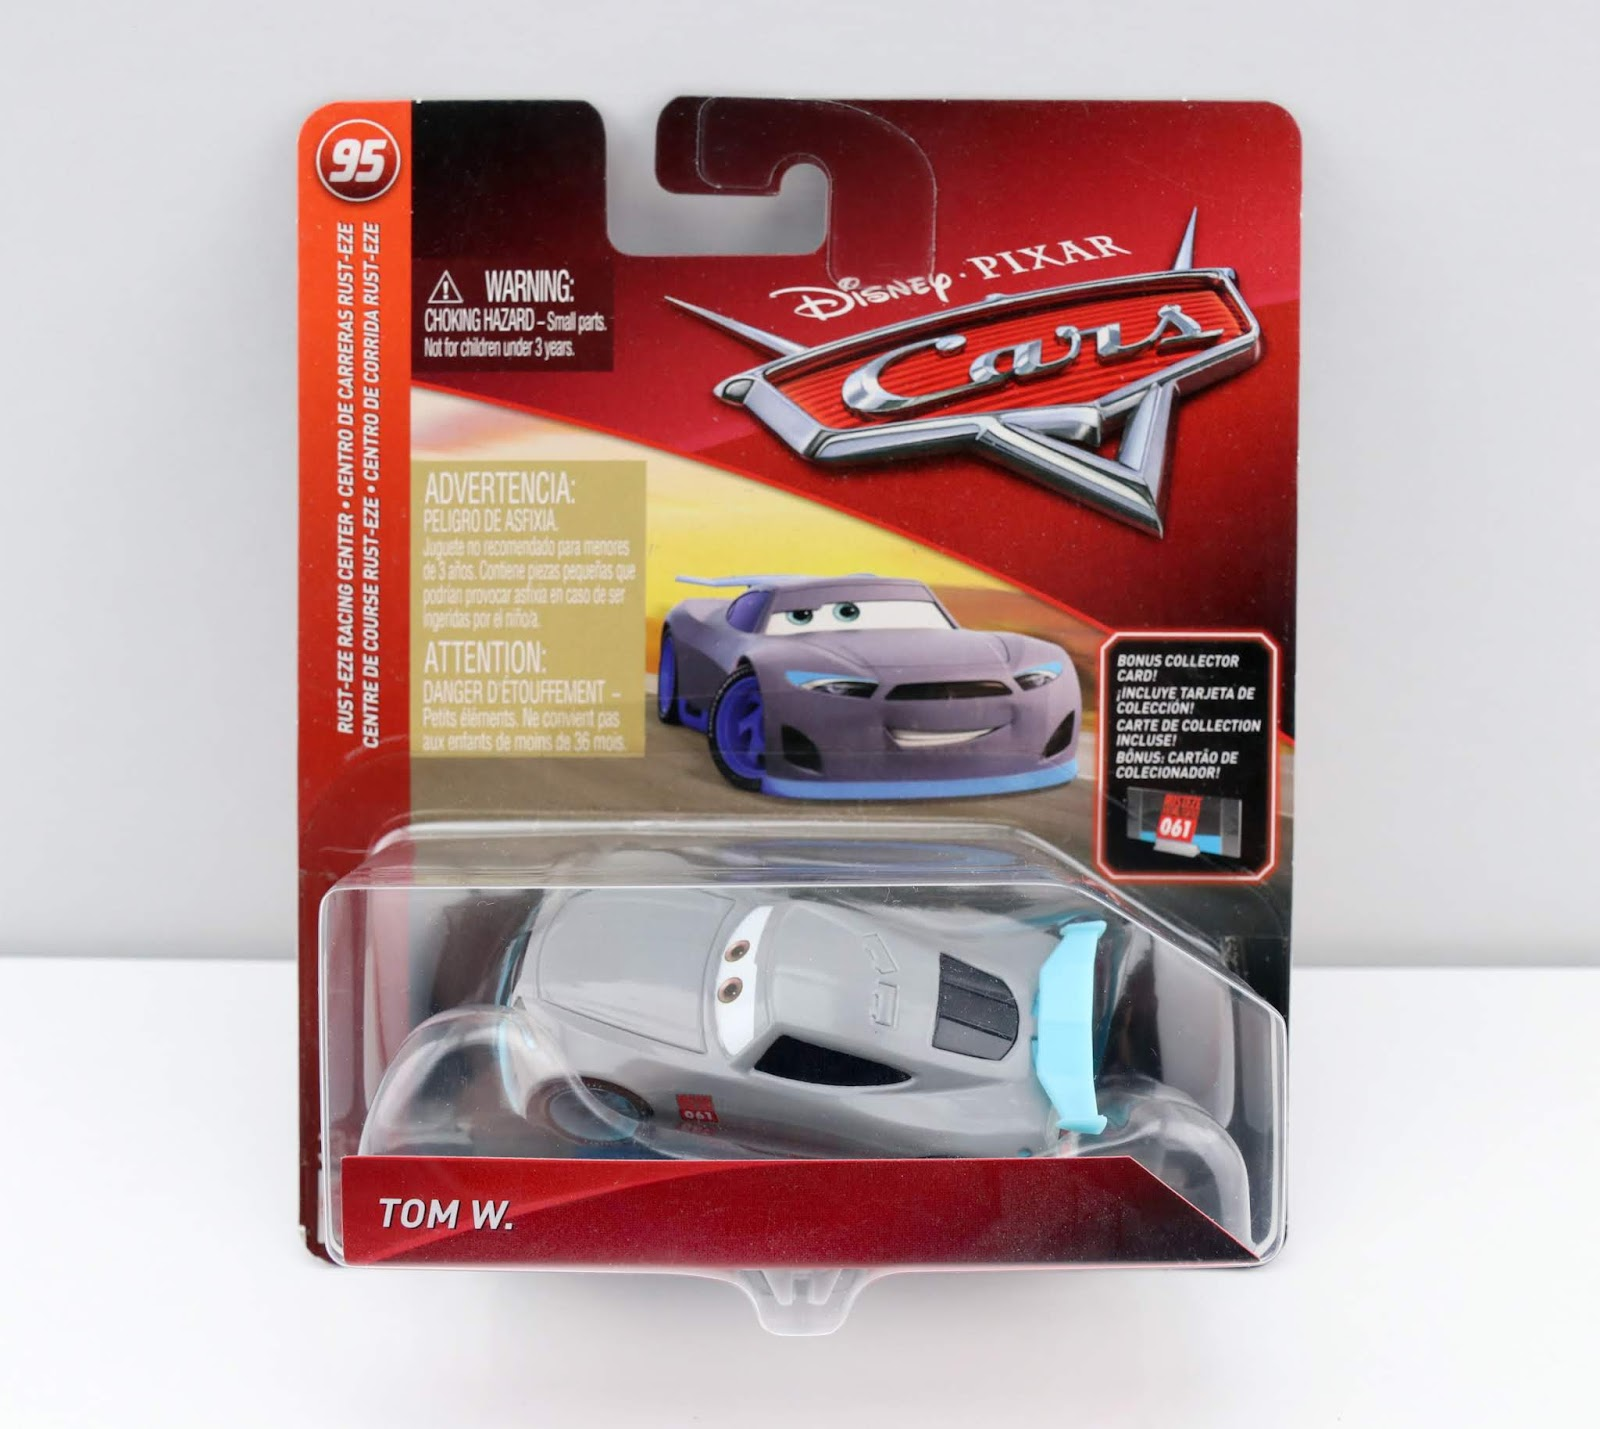 pixar mattel cars tom w. review